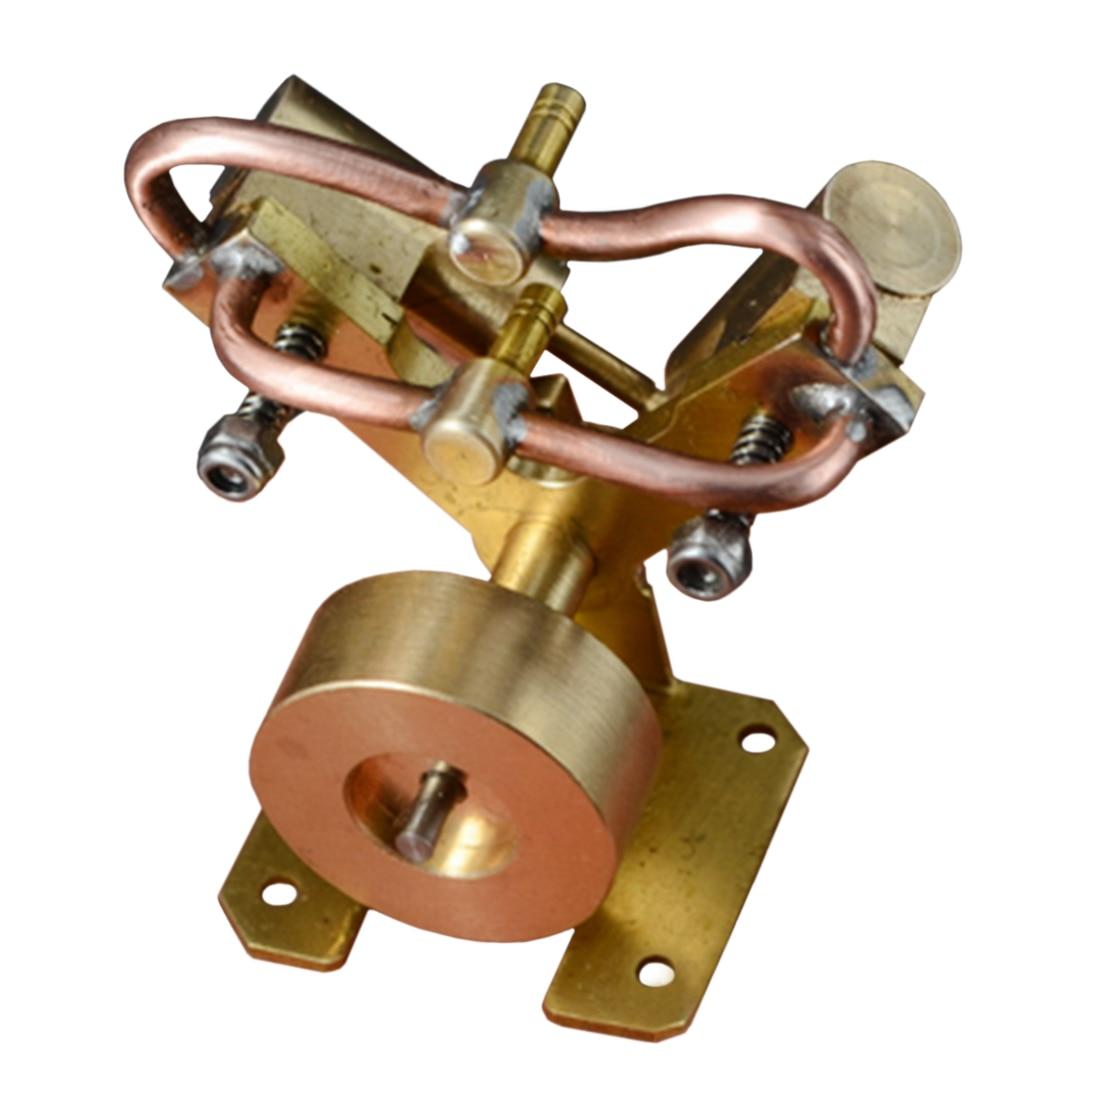 Mini V-forme Pur Cuivre Double Cylindre locomotive à vapeur jouet modèle Durable Creative cadeau éducatif pour les Enfants L'apprentissage de La Science Kit